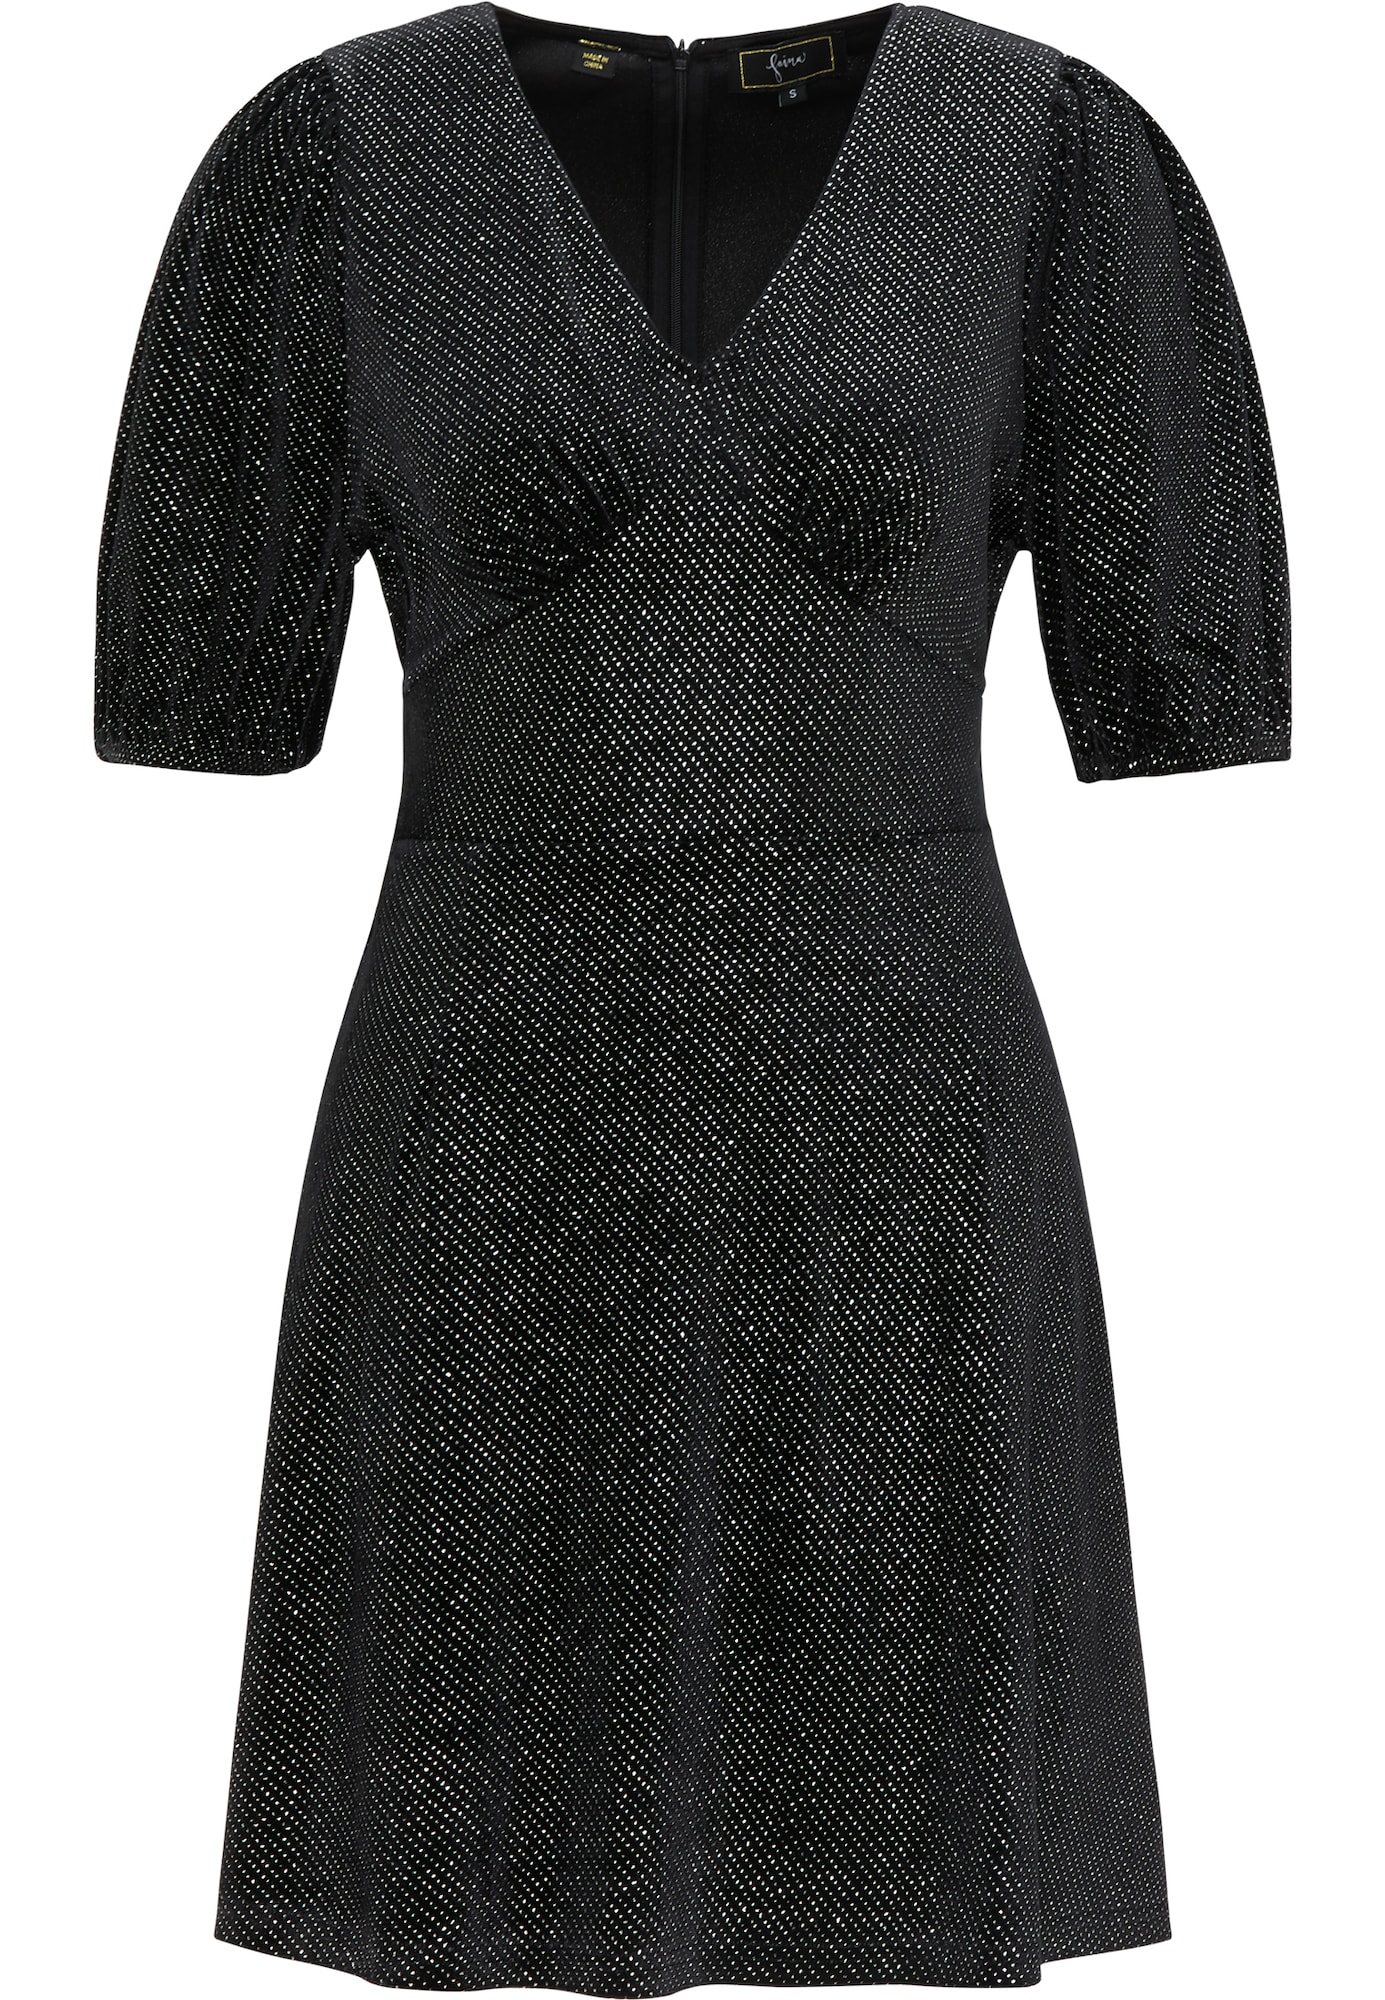 faina Kokteilinė suknelė margai juoda